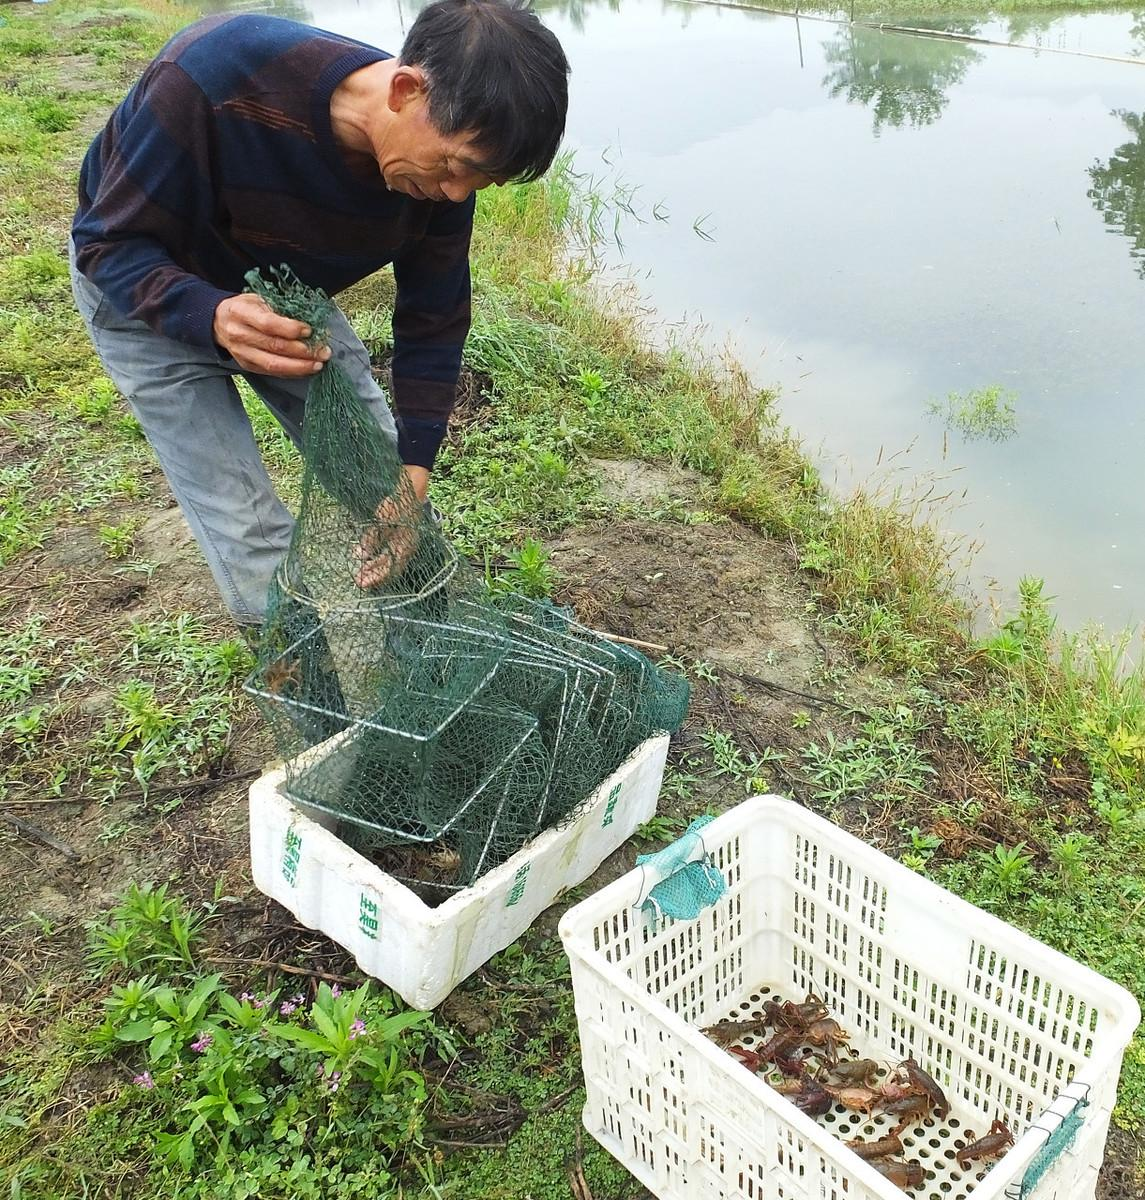 投放少量的鳝鱼和黑鱼,也许会增加小龙虾进地笼的概率?